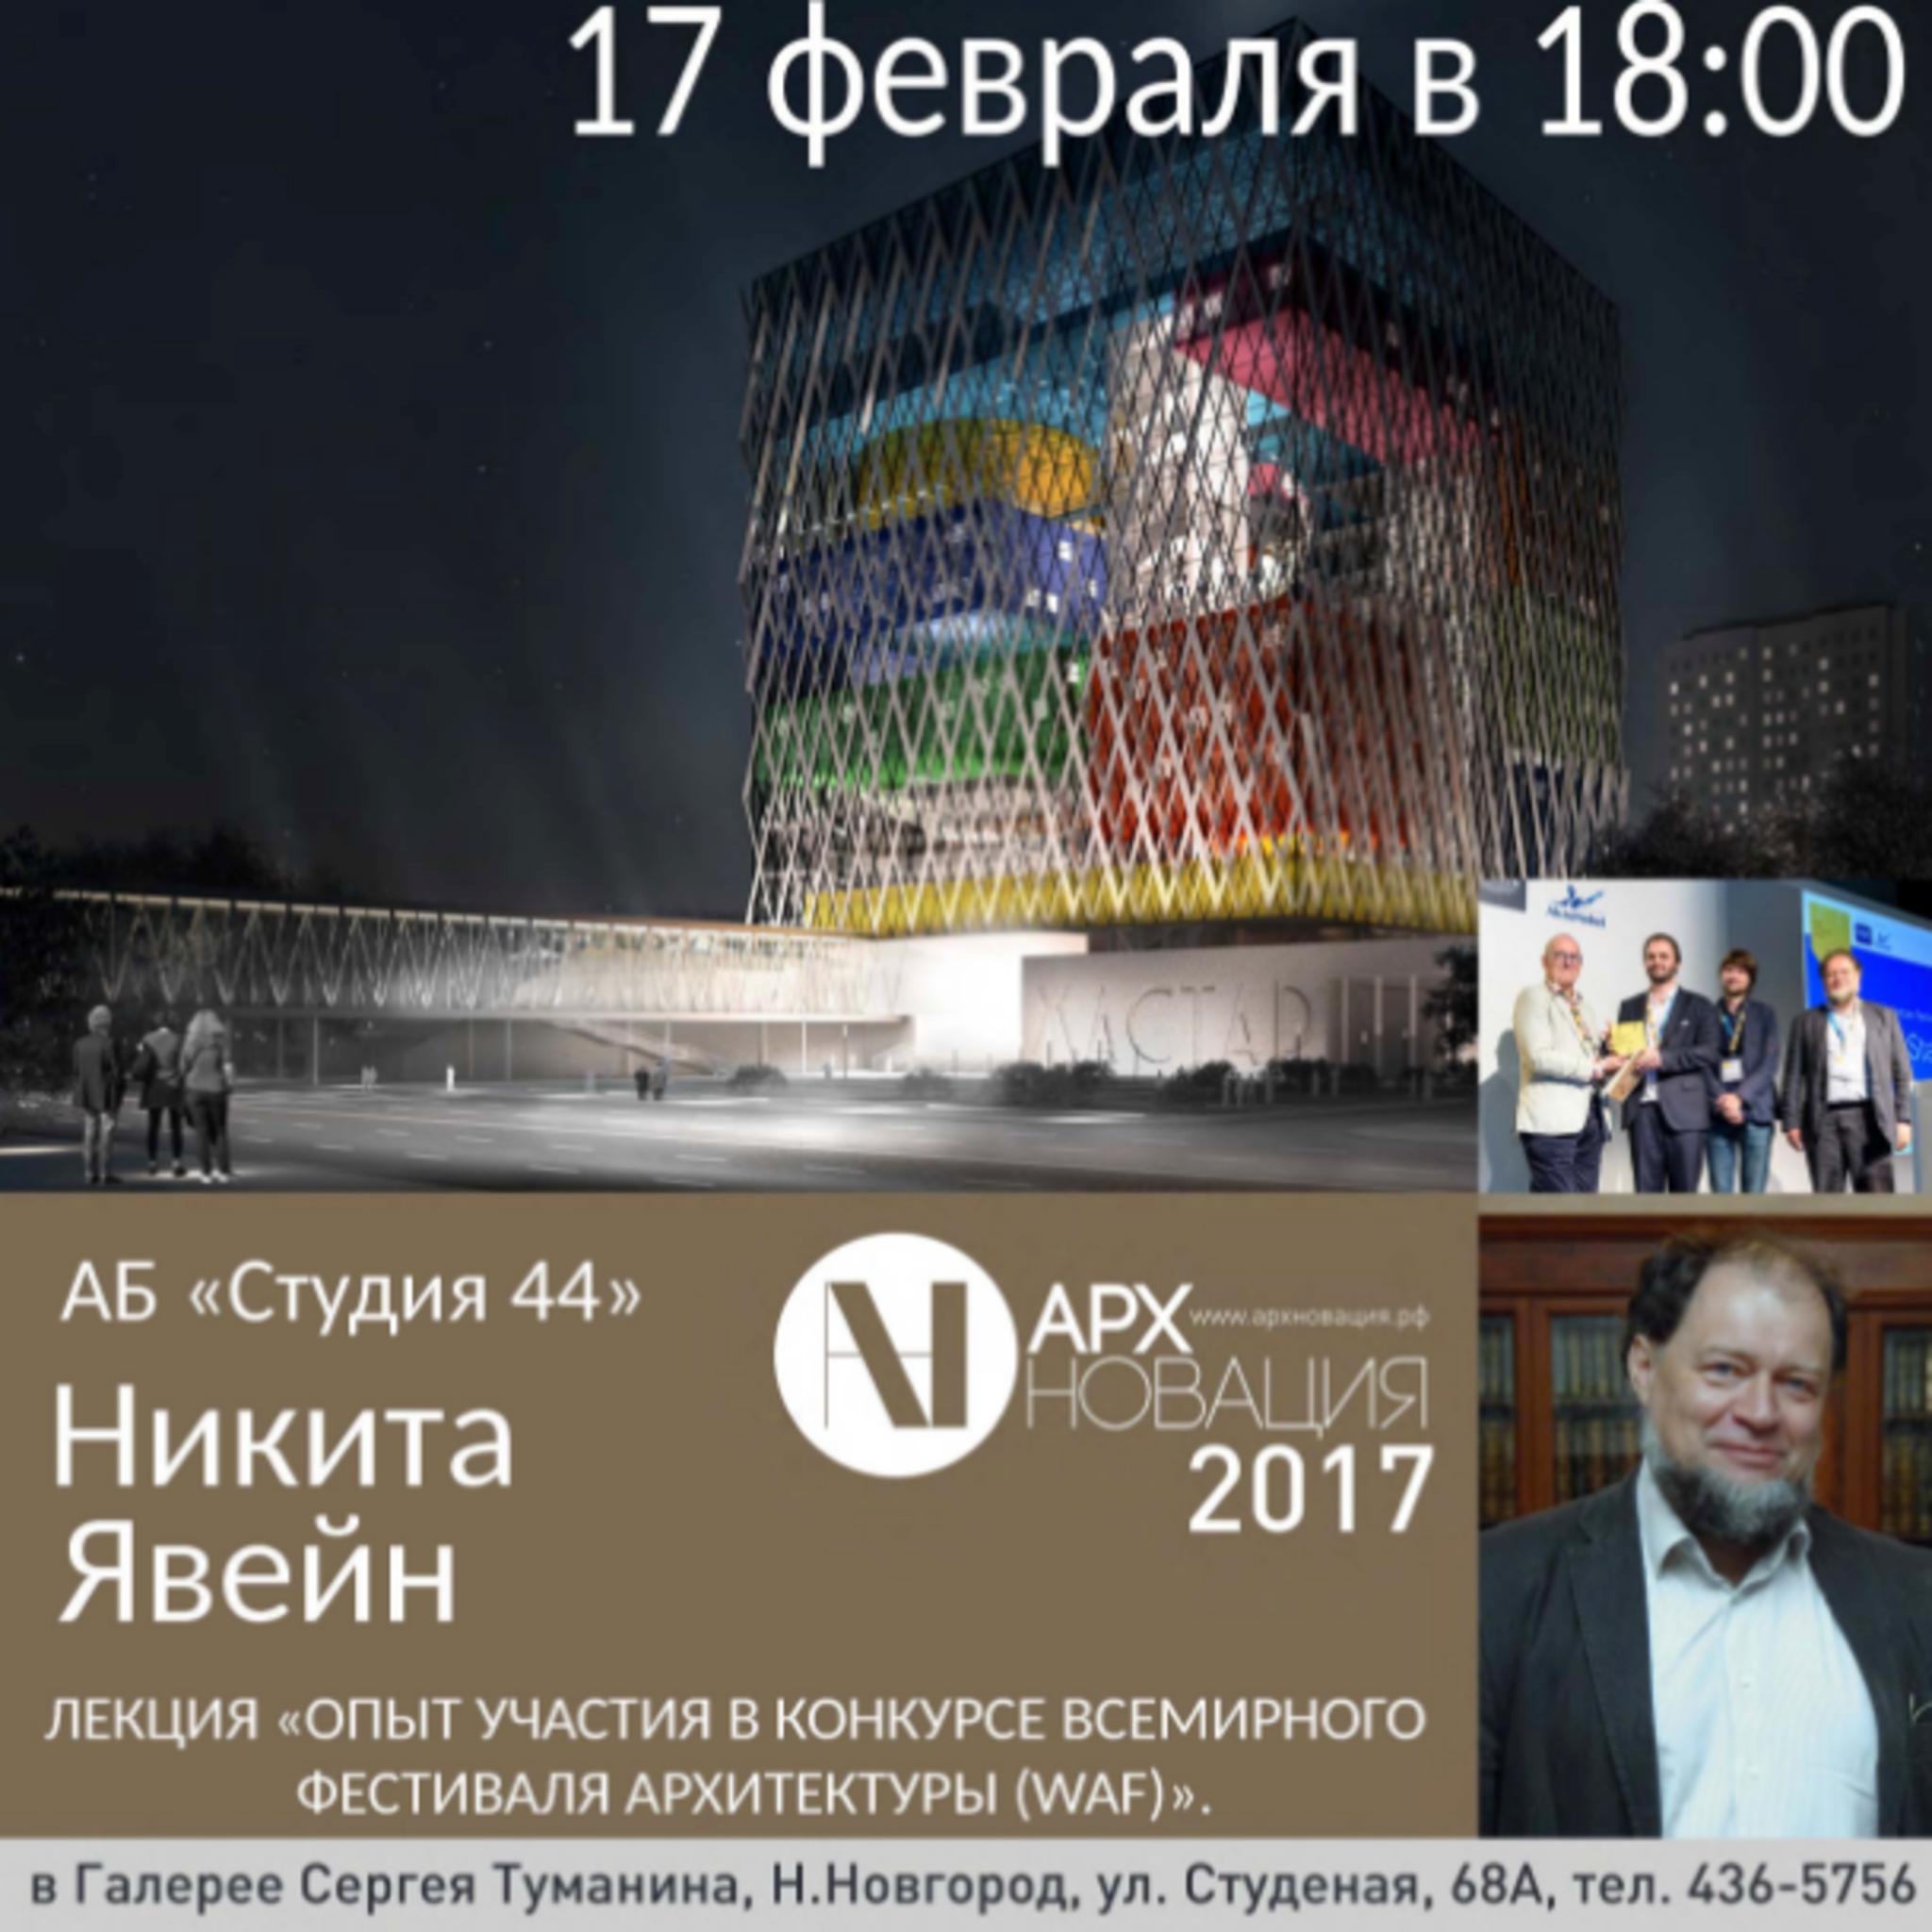 Мастер-класс известного архитектора Никиты Явейна